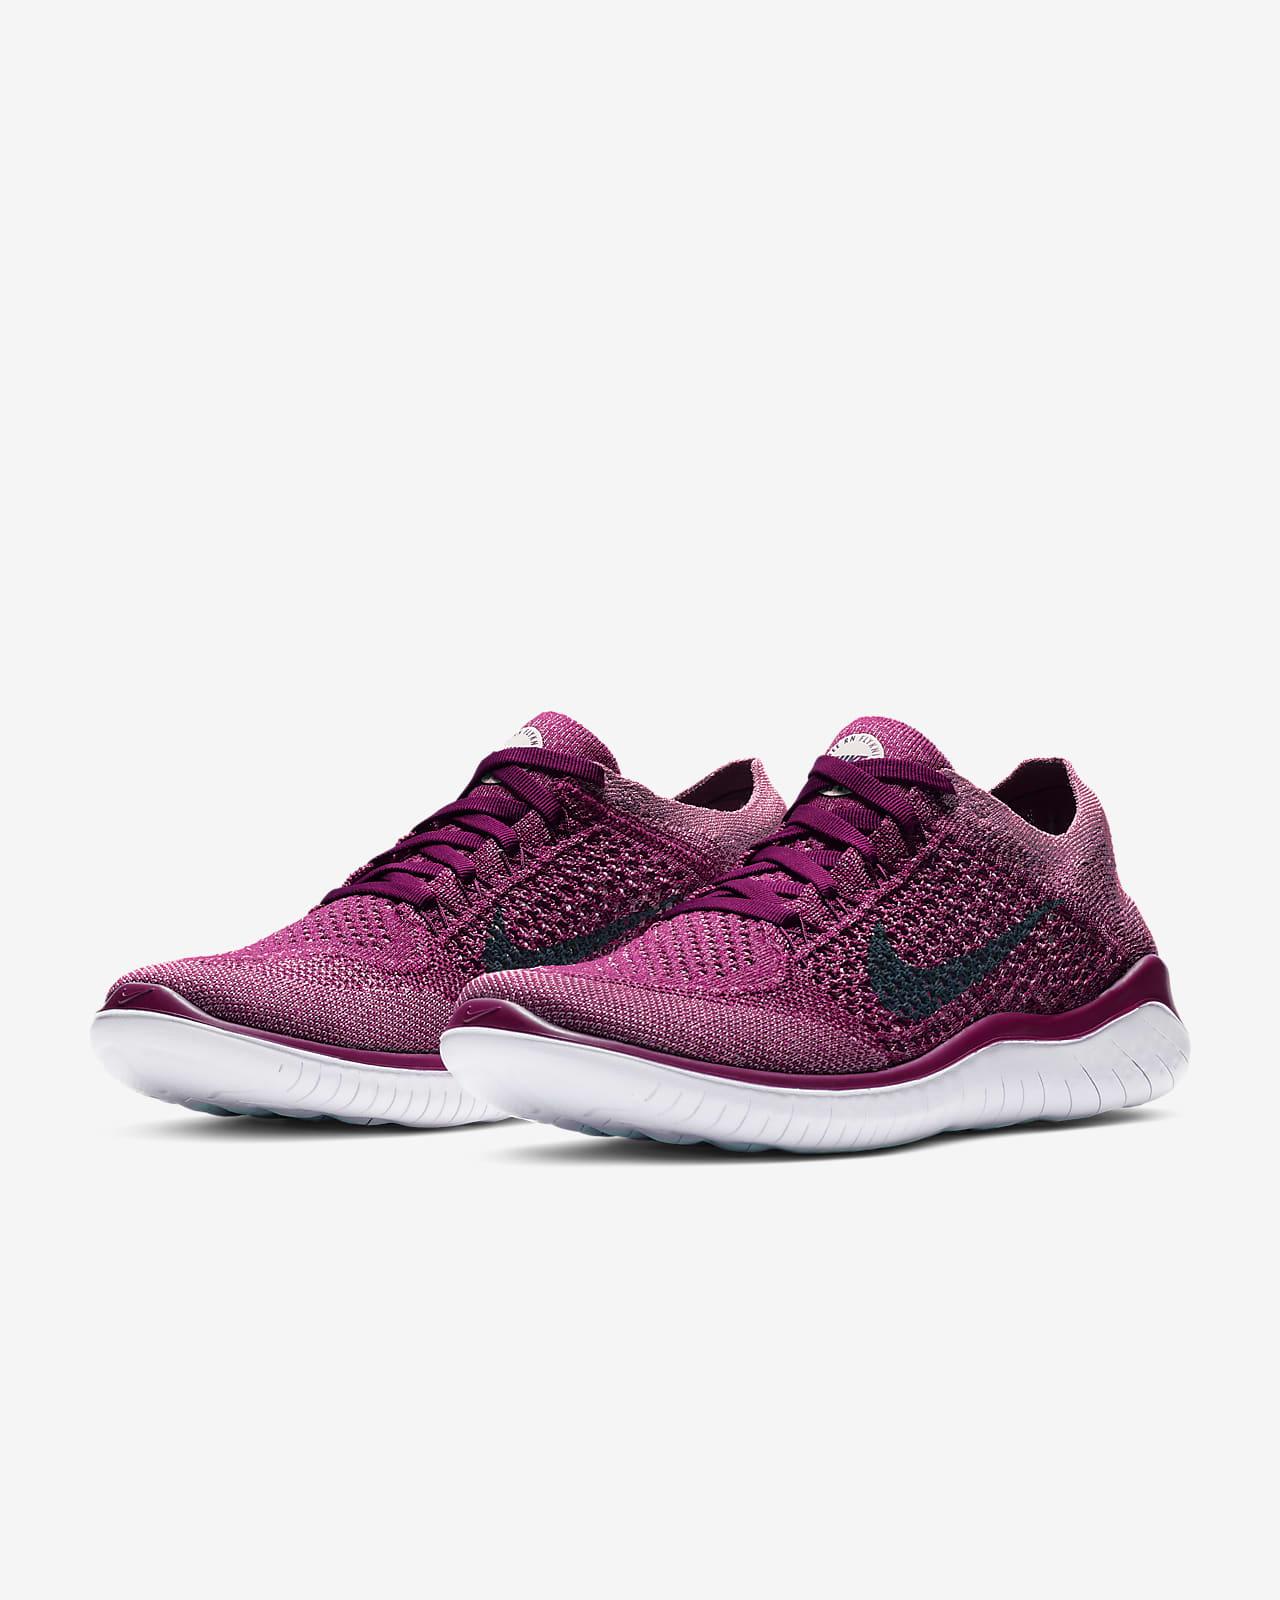 women's free rn flyknit 2018 lace up sneakers